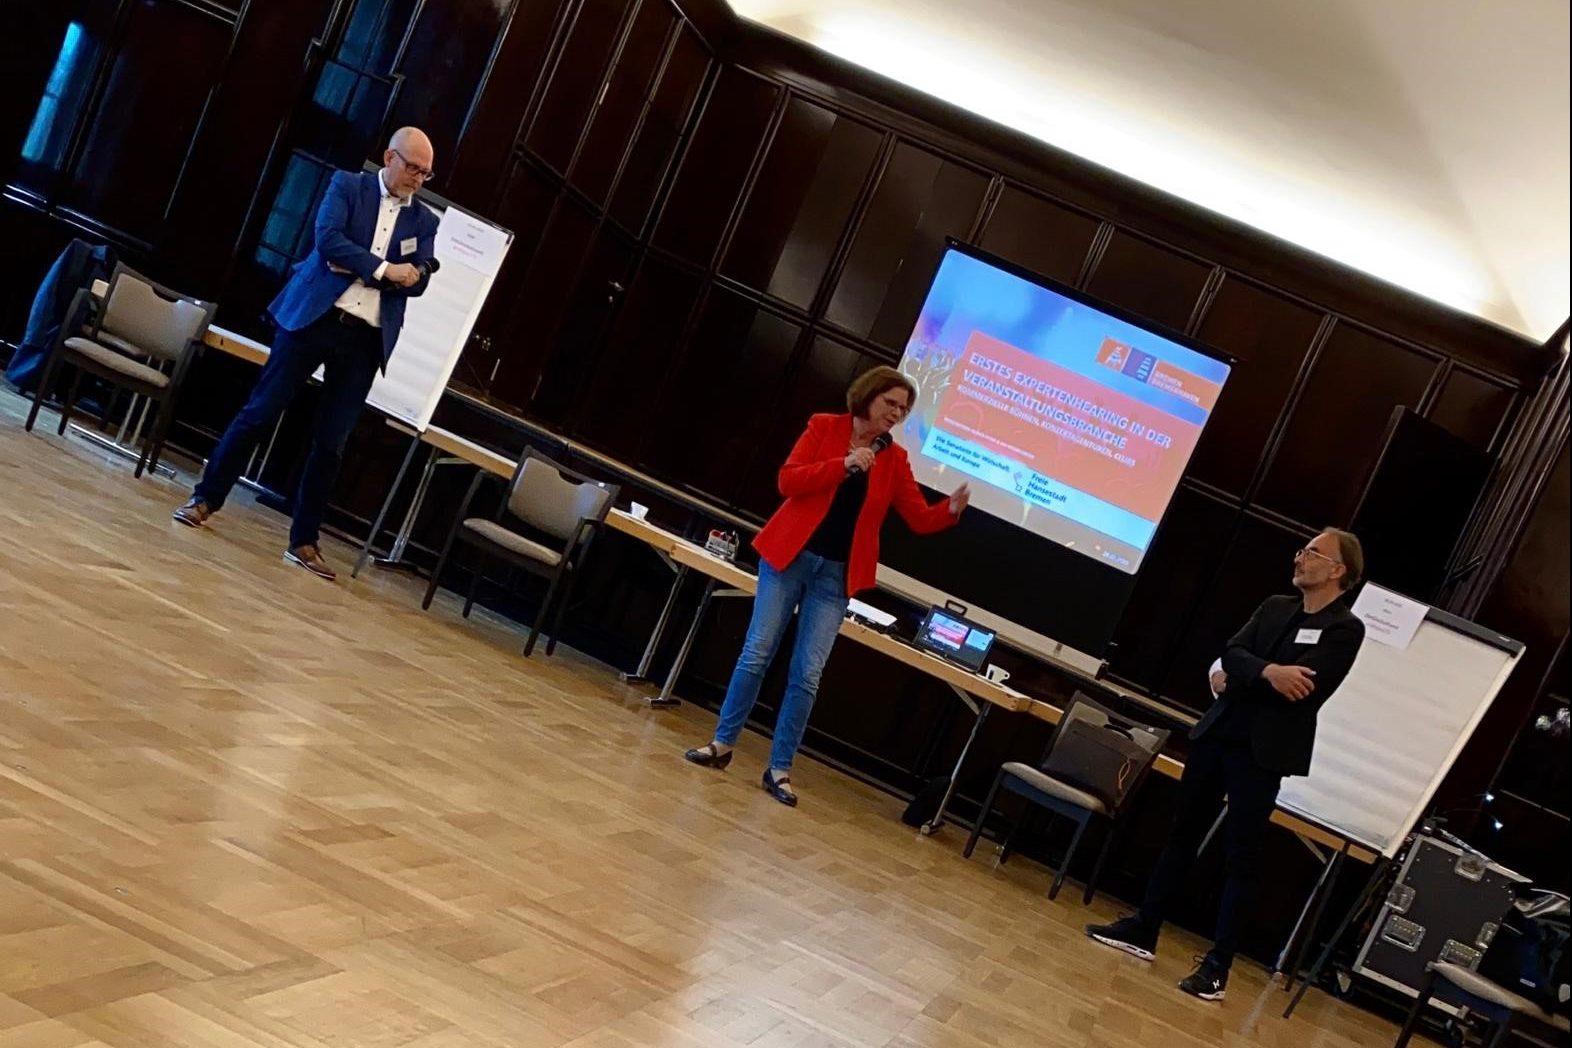 Drei Menschen bei einer Präsentation